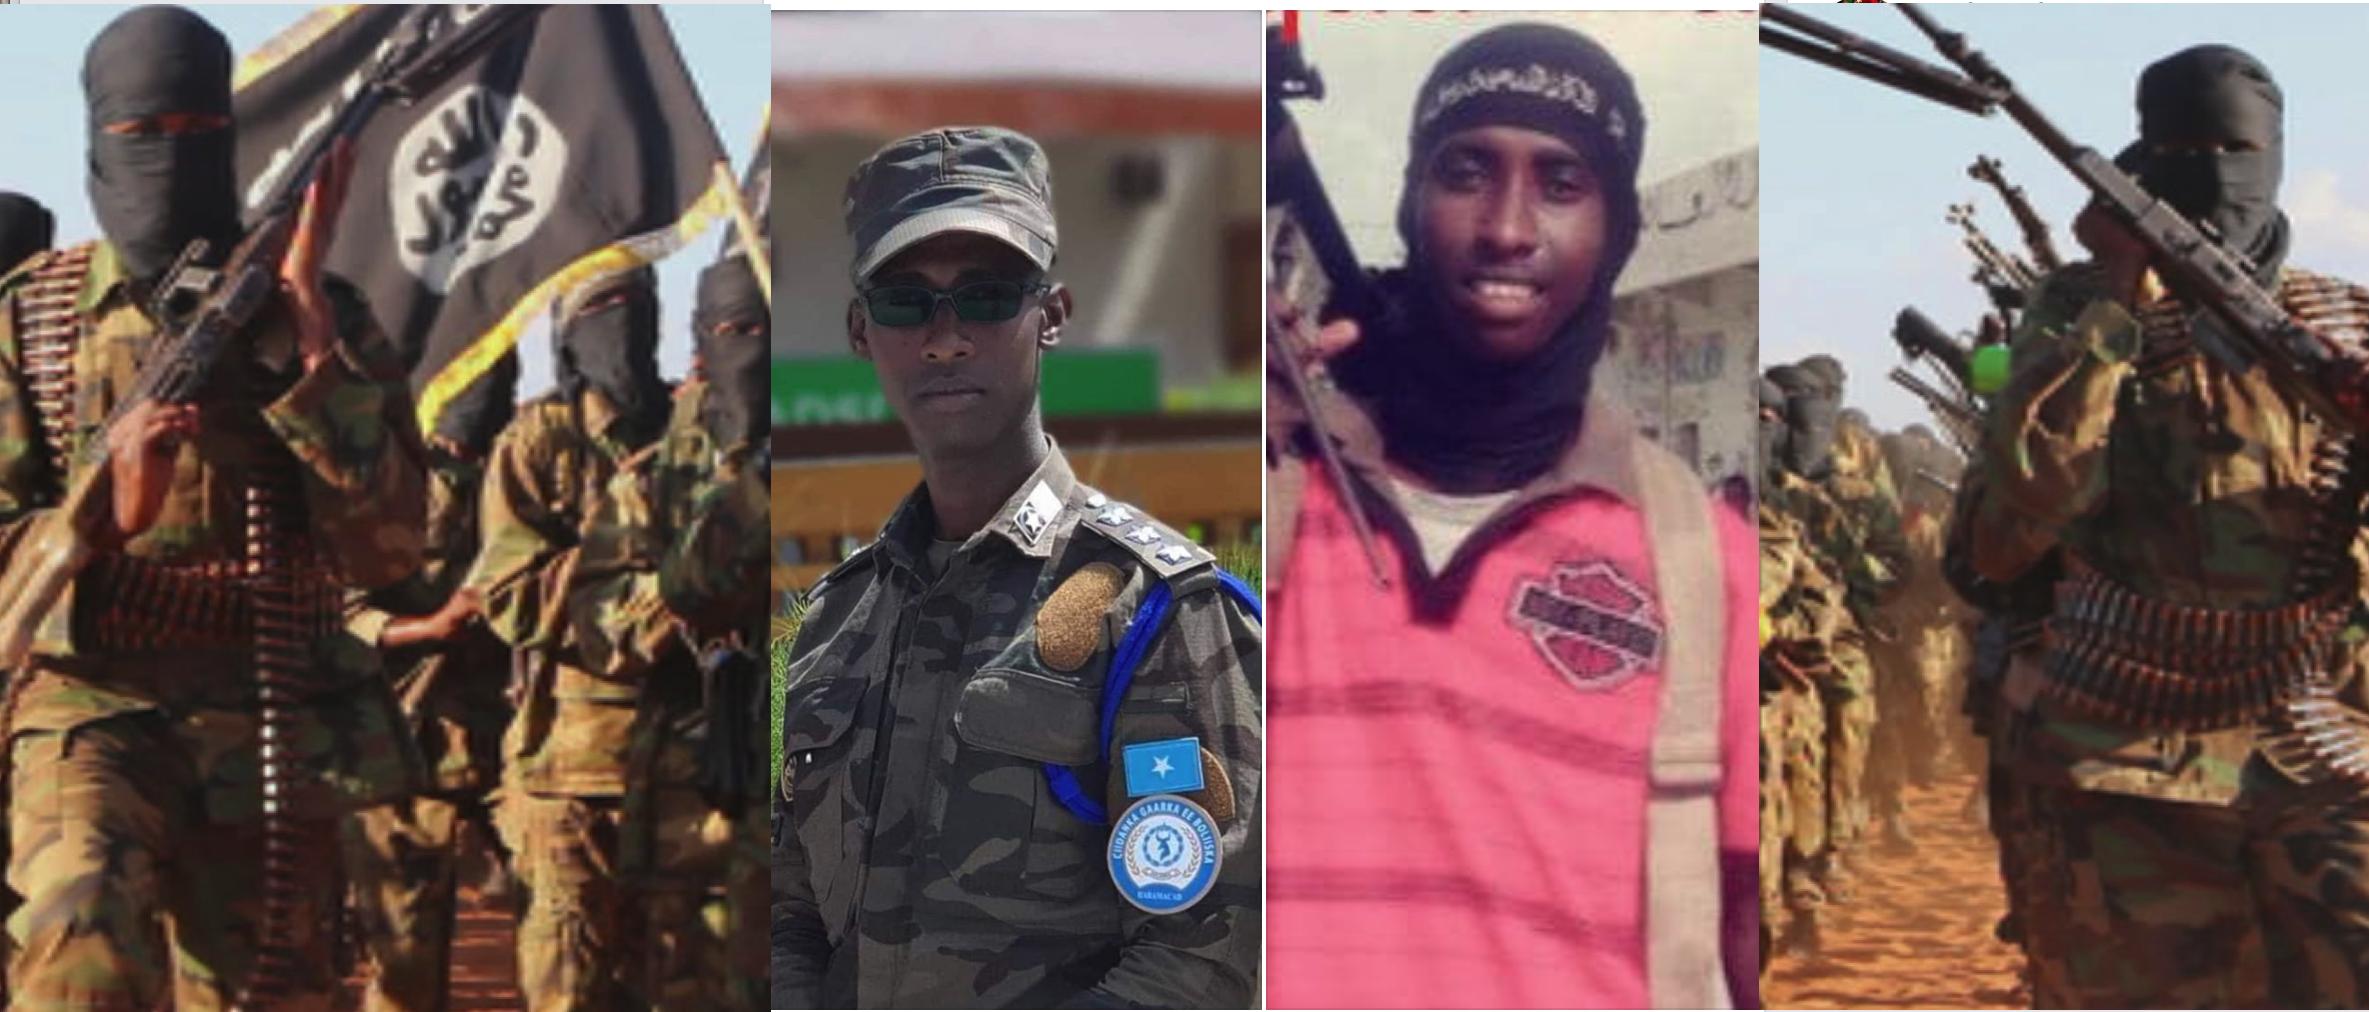 [Topnews:-] Waa kumma Farxaan Qaroole -Taliye Boliis mise Amiir Al-Shabaab ?